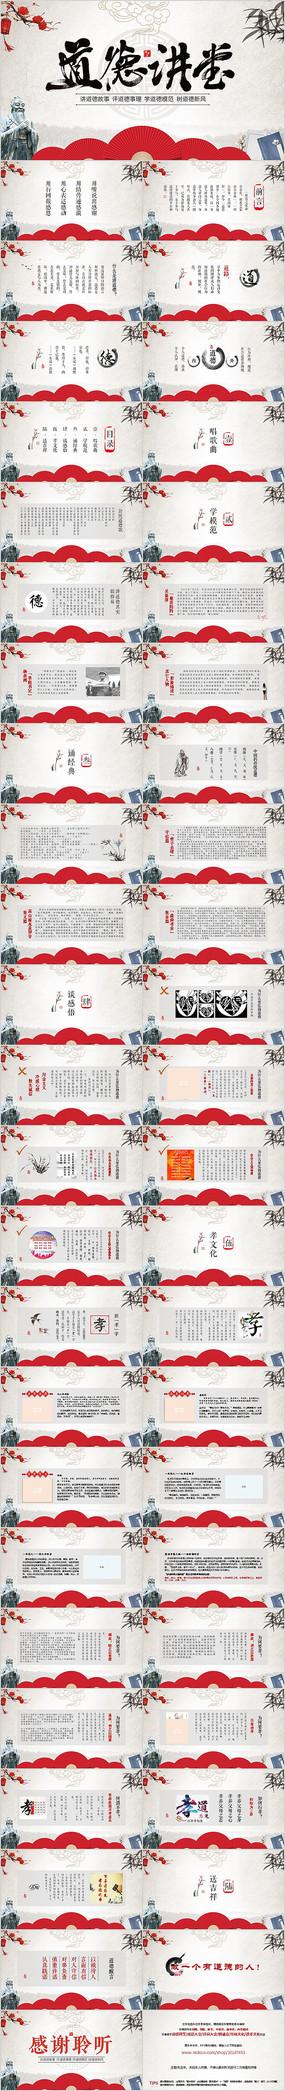 道德讲堂道德建设复古中国风PPT模板